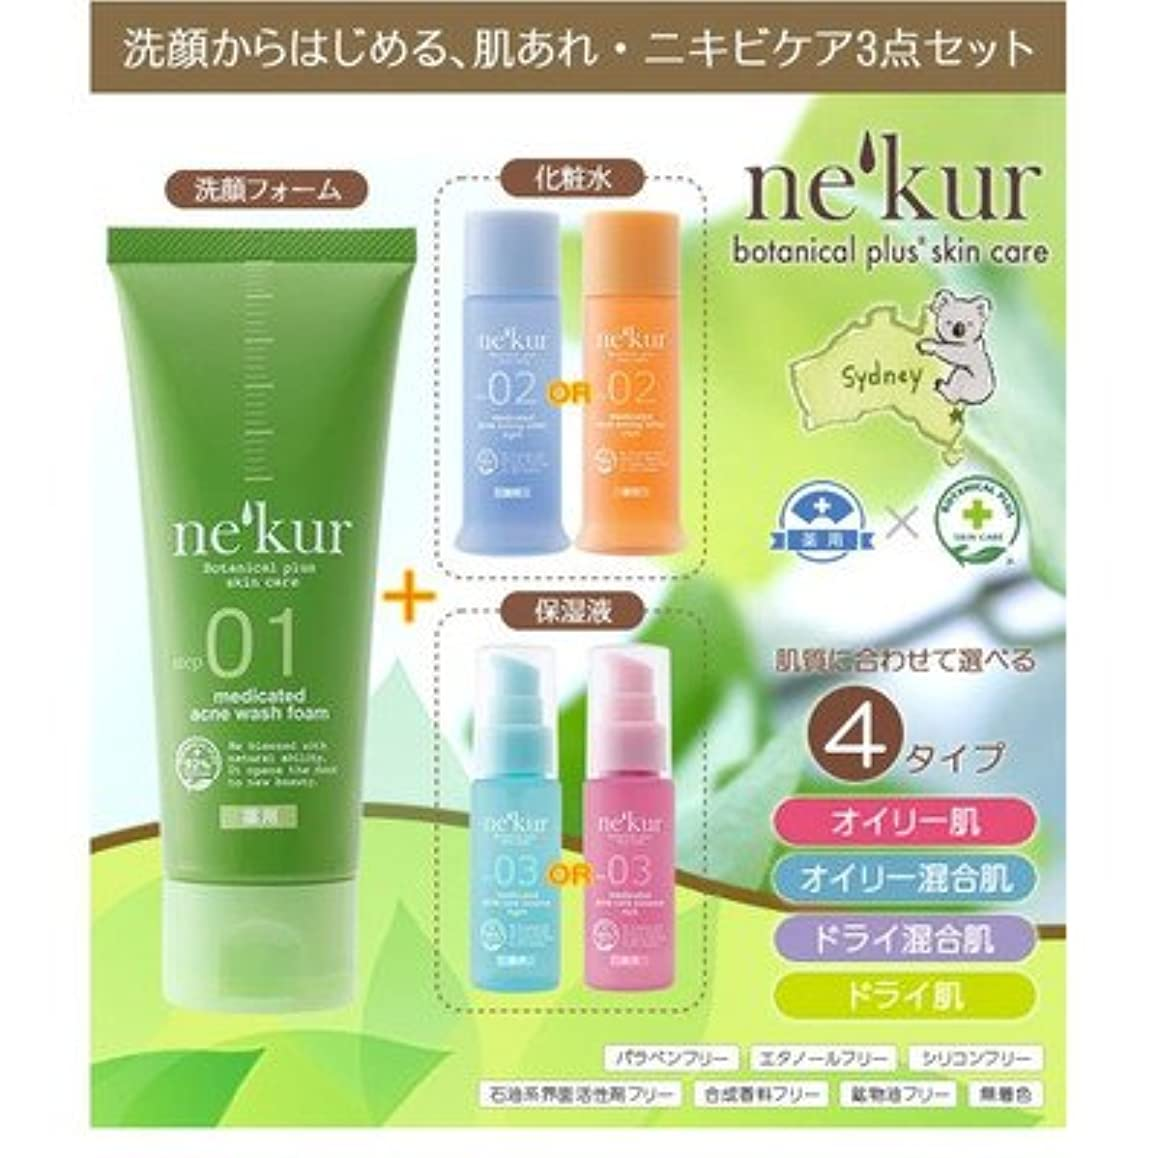 マガジン一時停止戻すネクア(nekur) ボタニカルプラススキンケア 薬用アクネ洗顔3点セット オイリー肌セット( 画像はイメージ画像です お届けの商品はオイリー肌セットのみとなります)